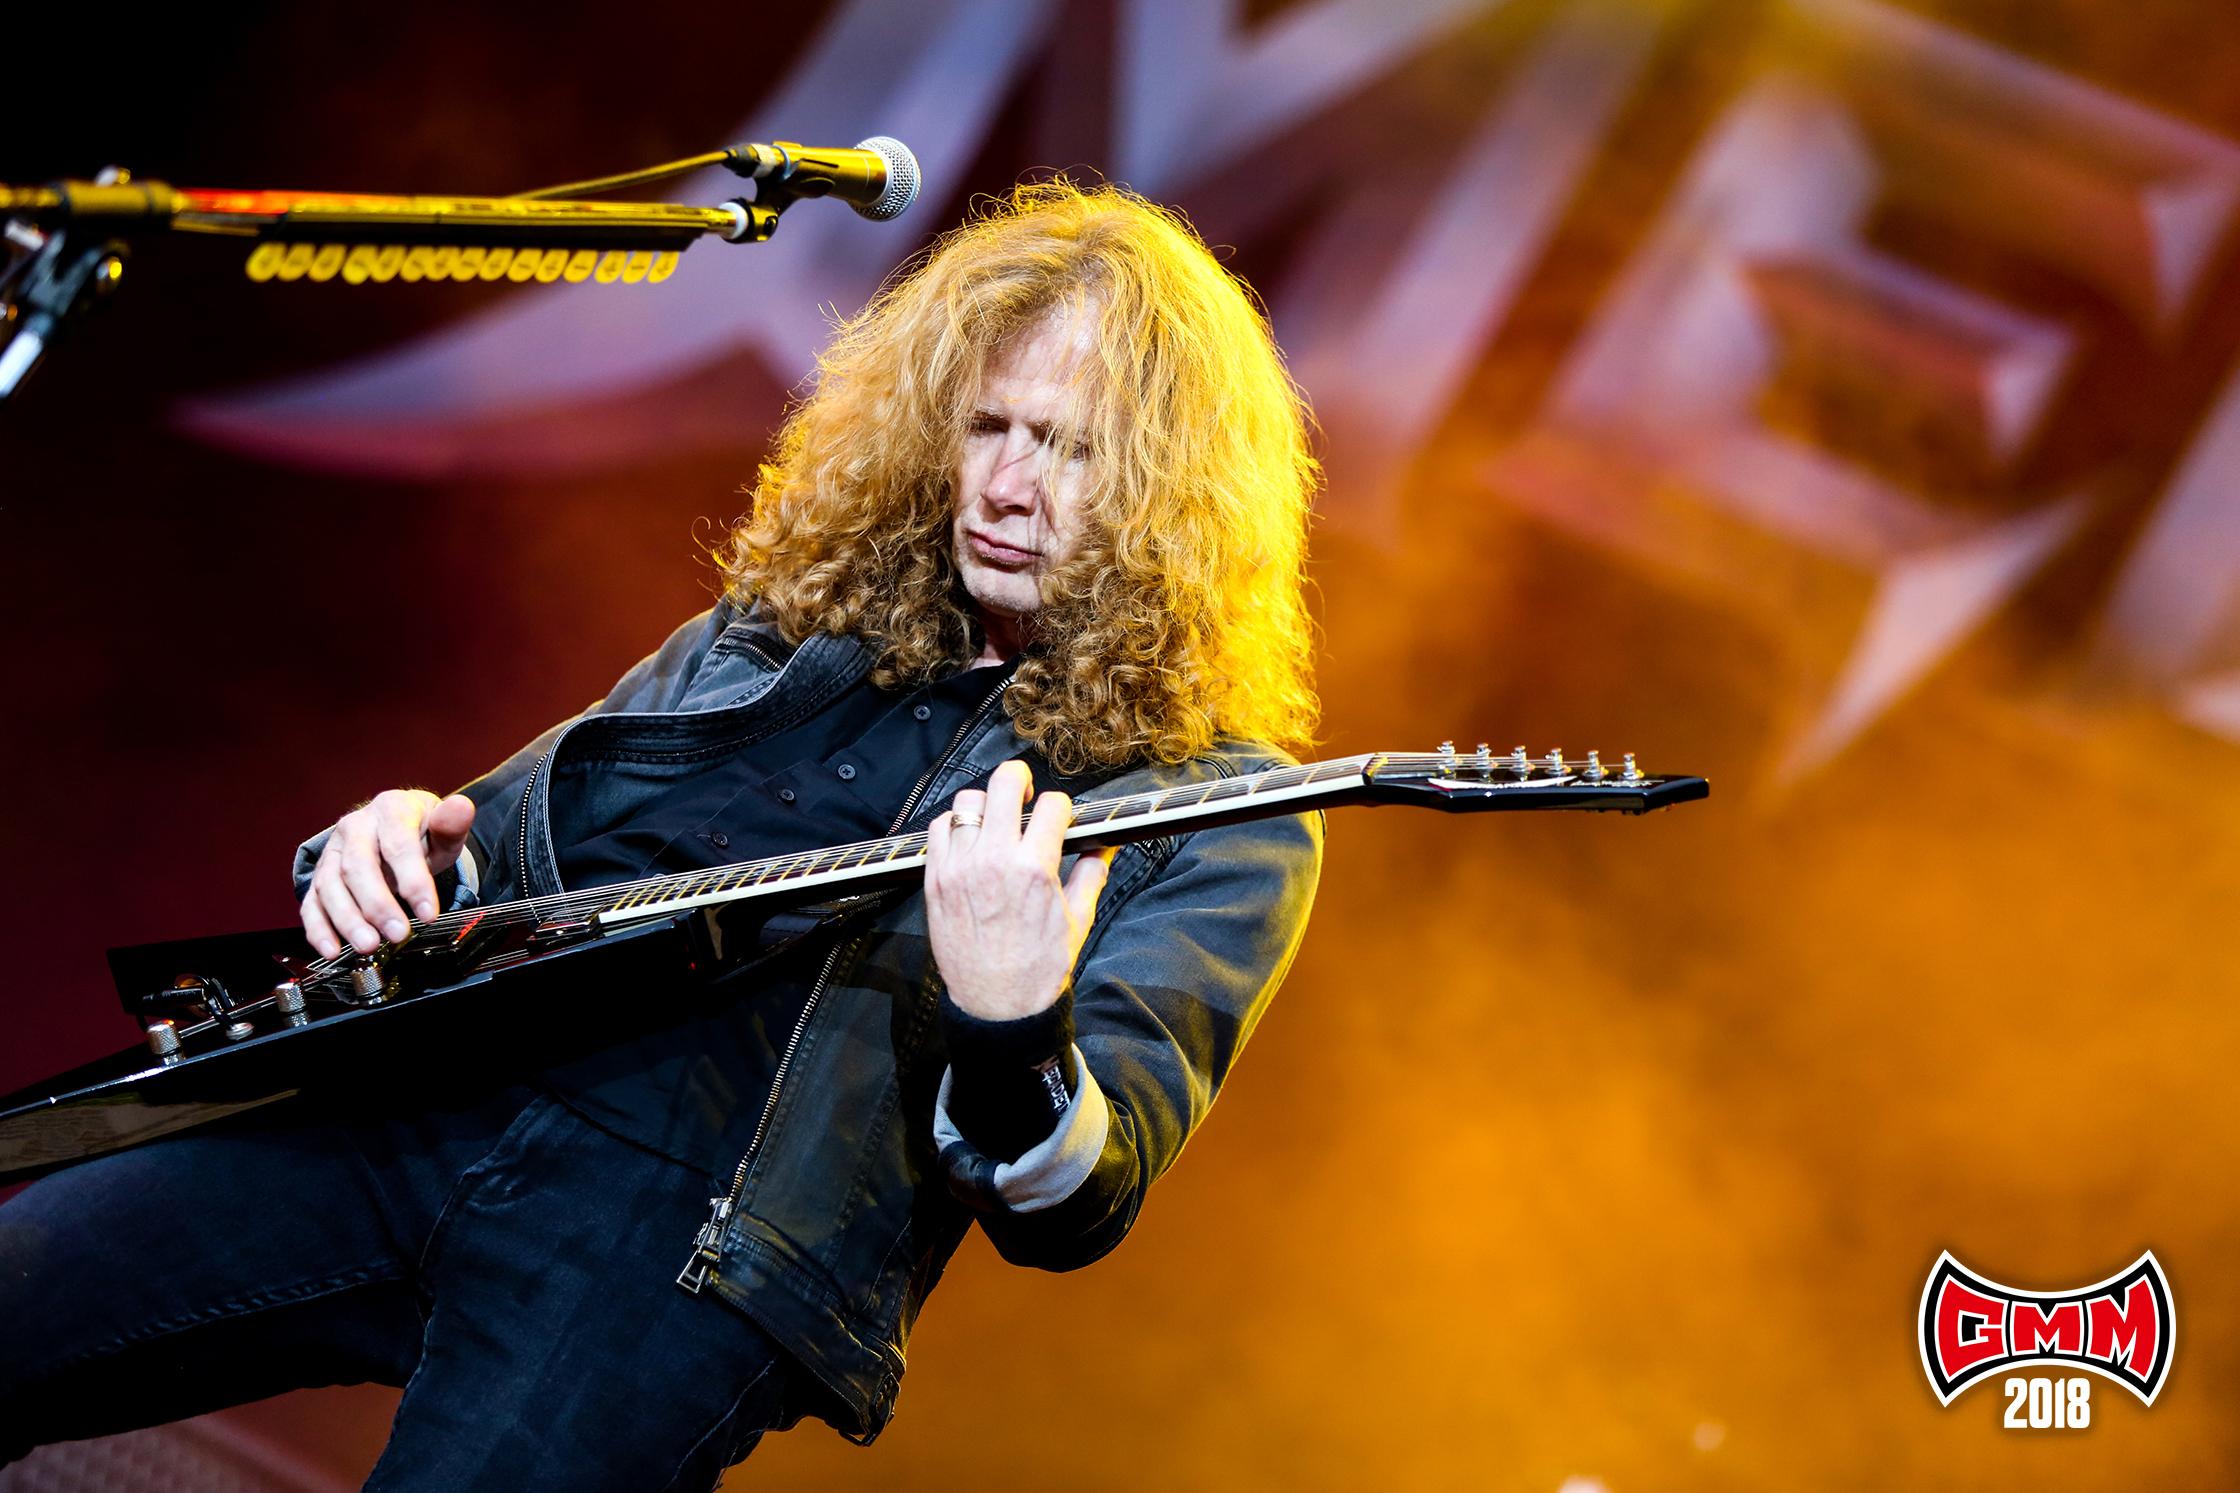 Megadeth op Graspop 2018 - Foto Tim Tronckoe (Graspop Metal Meeting) - PERSFOTO, NIET VOOR ANDERE ARTIKELEN GEBRUIKEN